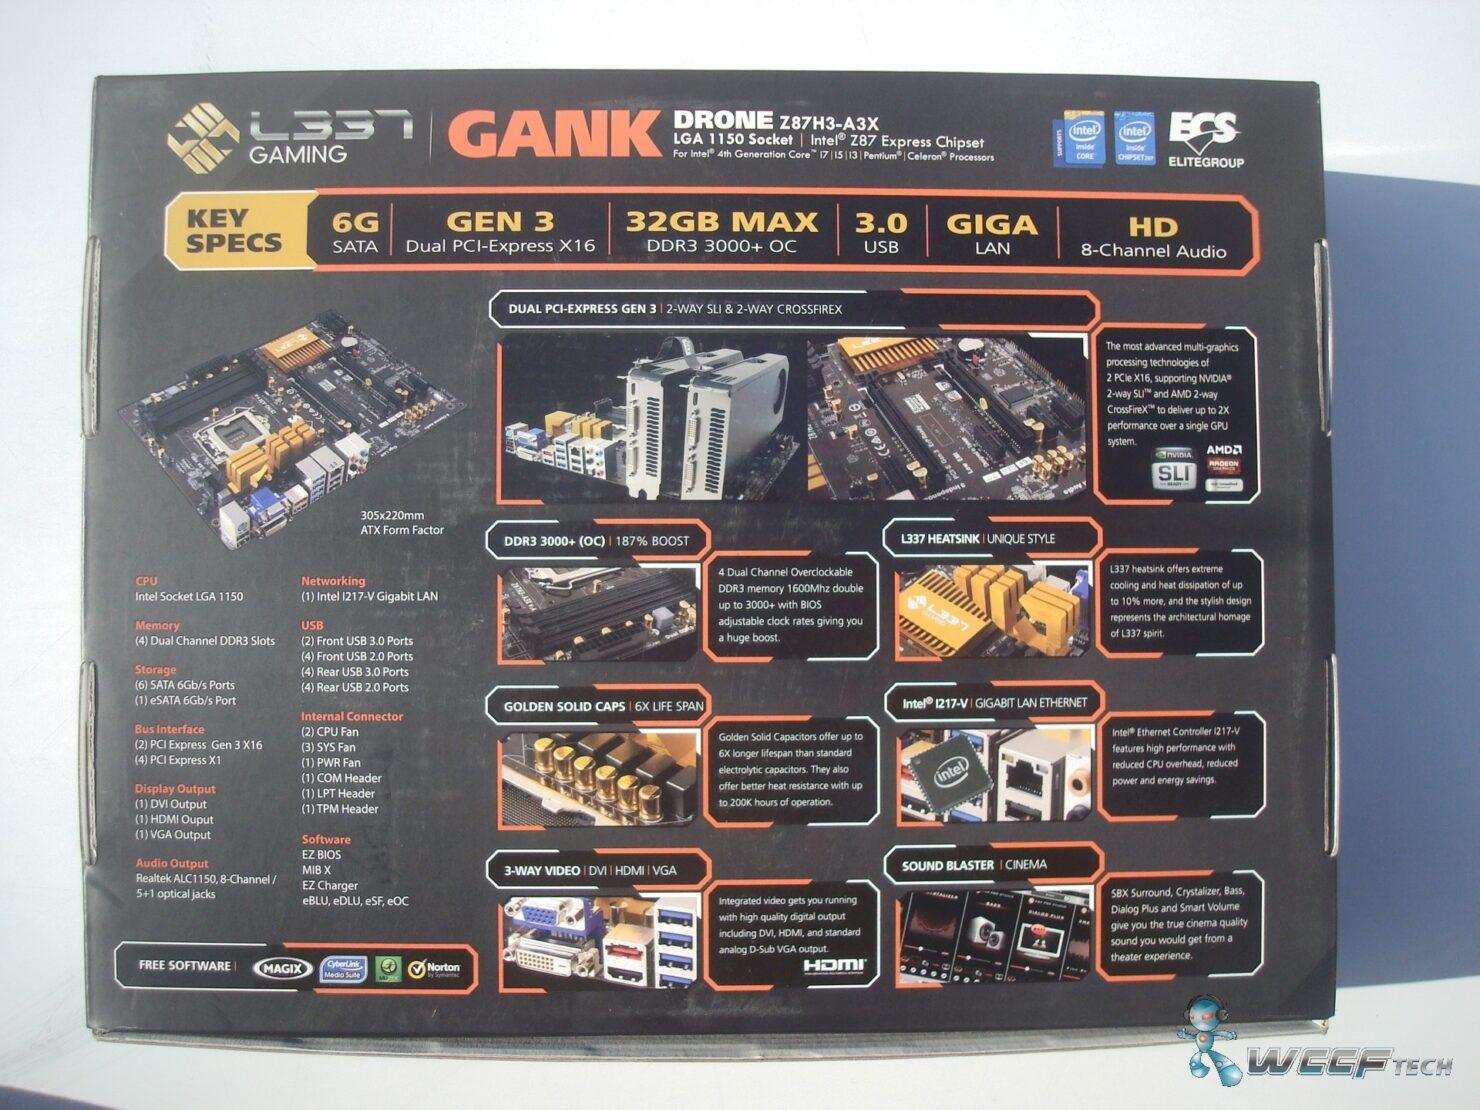 ECS GANK Drone Z87H3-A3X LGA 1150 Motherboard Review